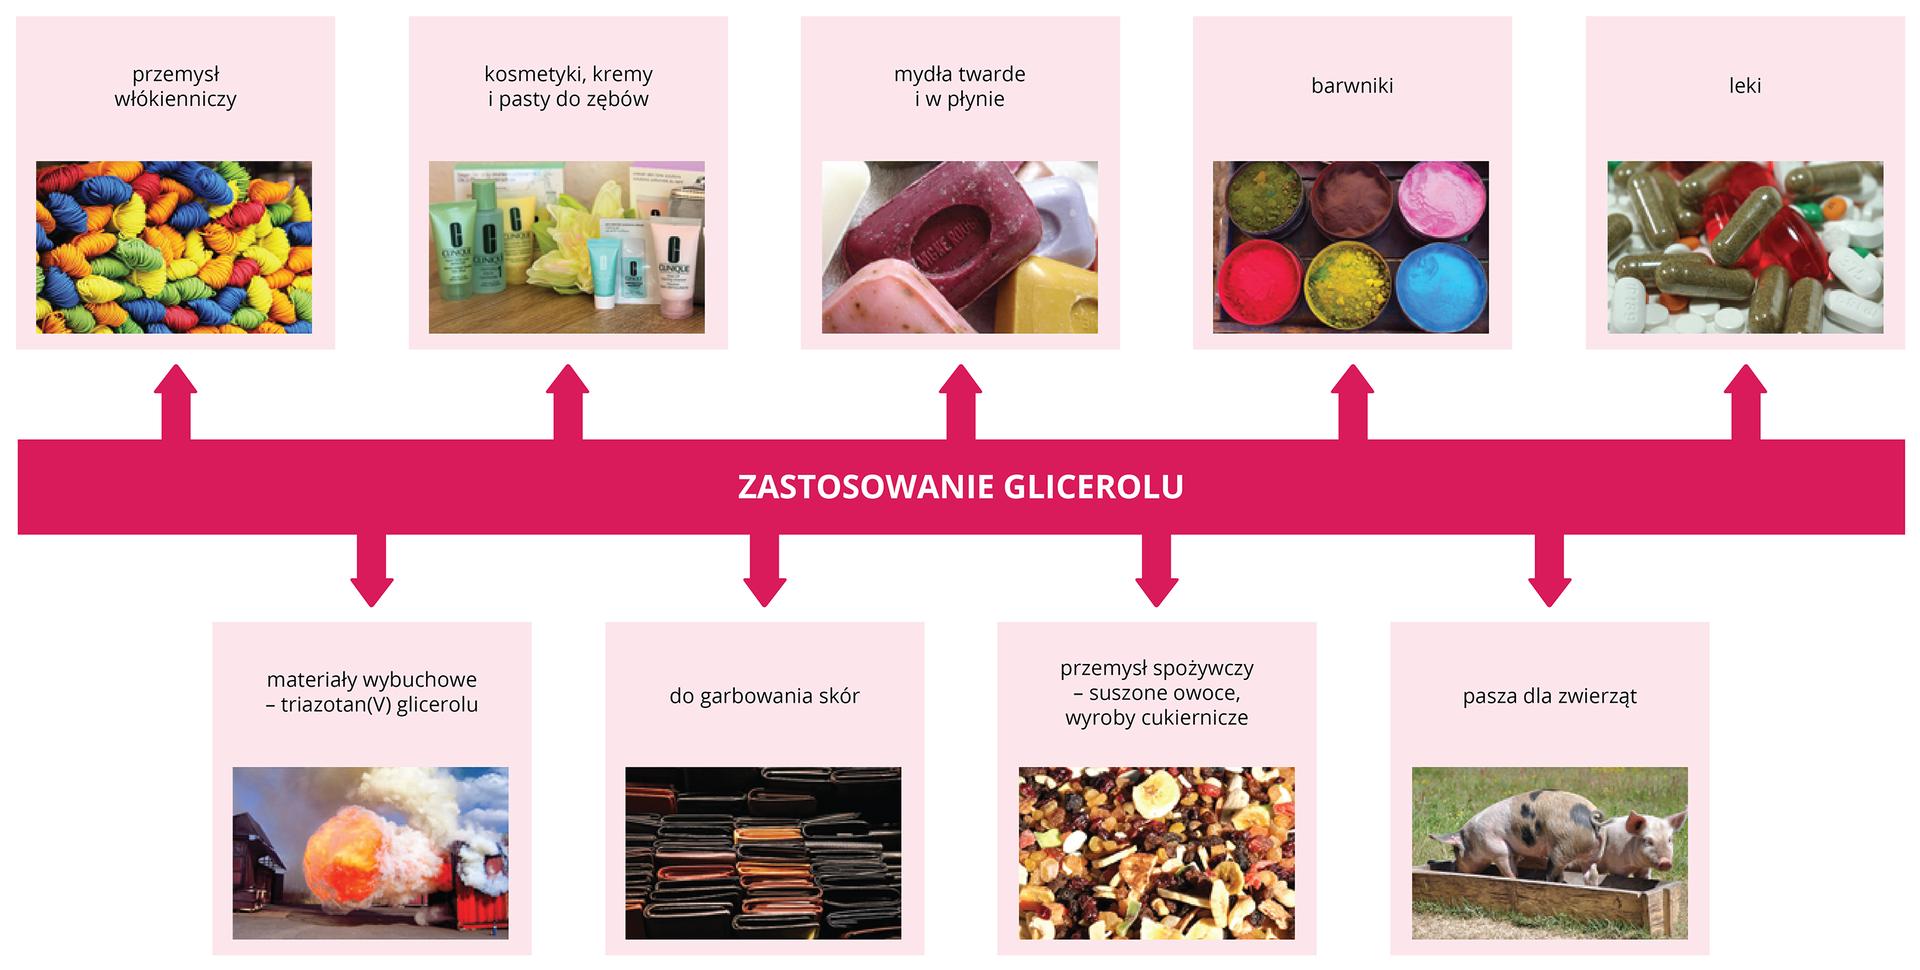 Zastosowanie glicerolu